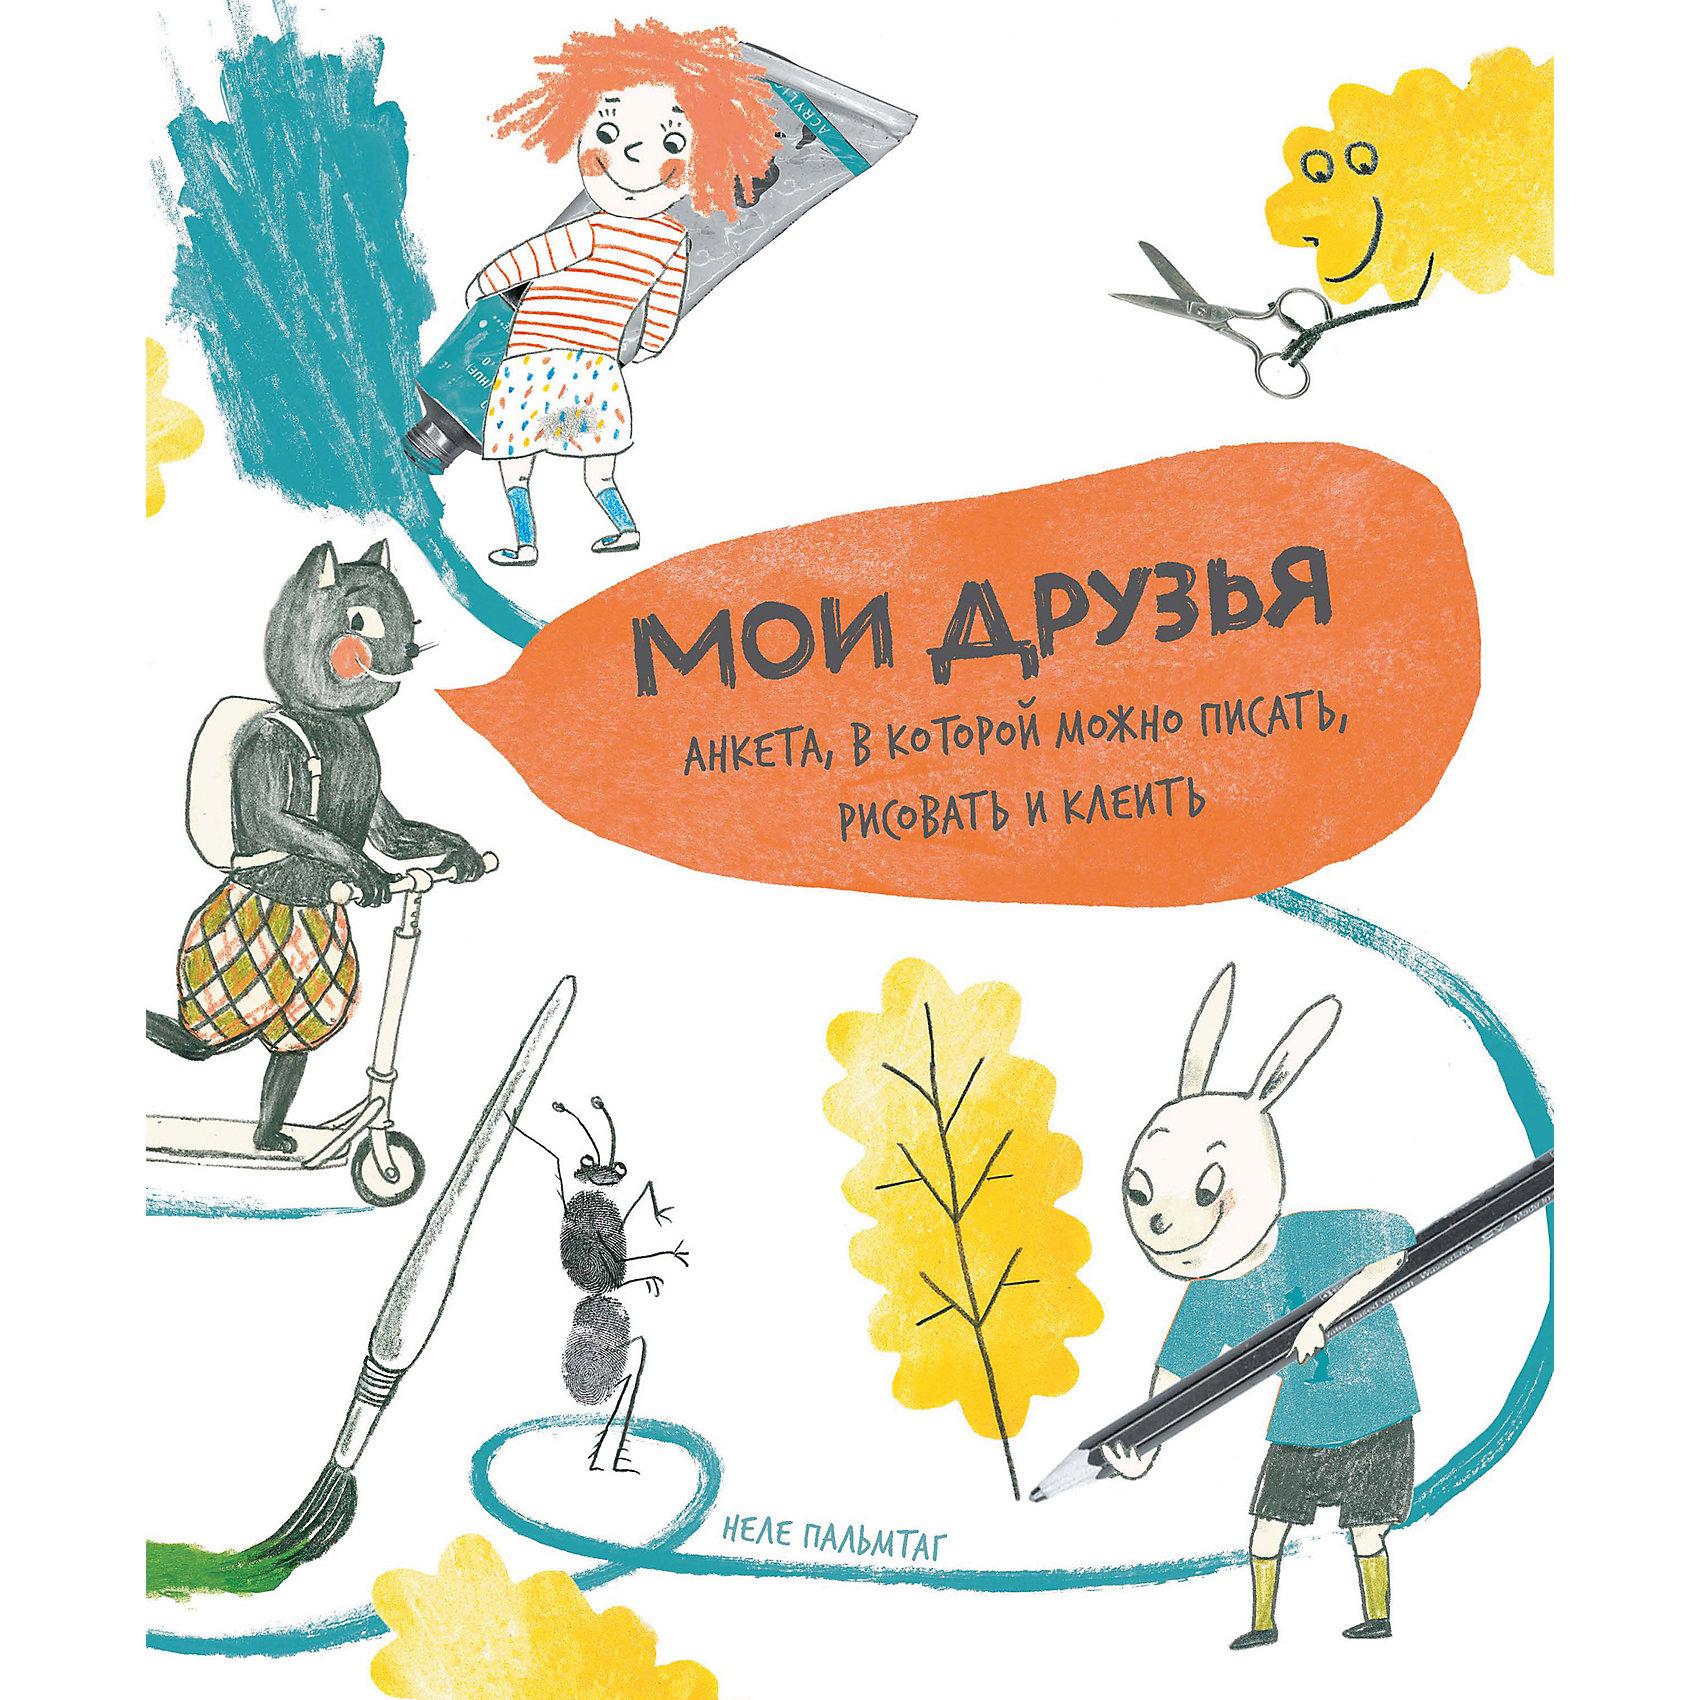 Мои друзья: Анкета, в которой можно писать, рисовать и клеитьМанн, Иванов и Фербер<br>Клей, рисуй, пиши, раскрашивай, обо  всем друзей расспрашивай! Благодаря этой анкете с забавными картинками ребенок узнает больше интересного о своих друзьях и на долгие годы сохранит о них память. Для детей младшего школьного возраста<br><br>Ширина мм: 228<br>Глубина мм: 279<br>Высота мм: 100<br>Вес г: 389<br>Возраст от месяцев: 24<br>Возраст до месяцев: 2147483647<br>Пол: Унисекс<br>Возраст: Детский<br>SKU: 5535299